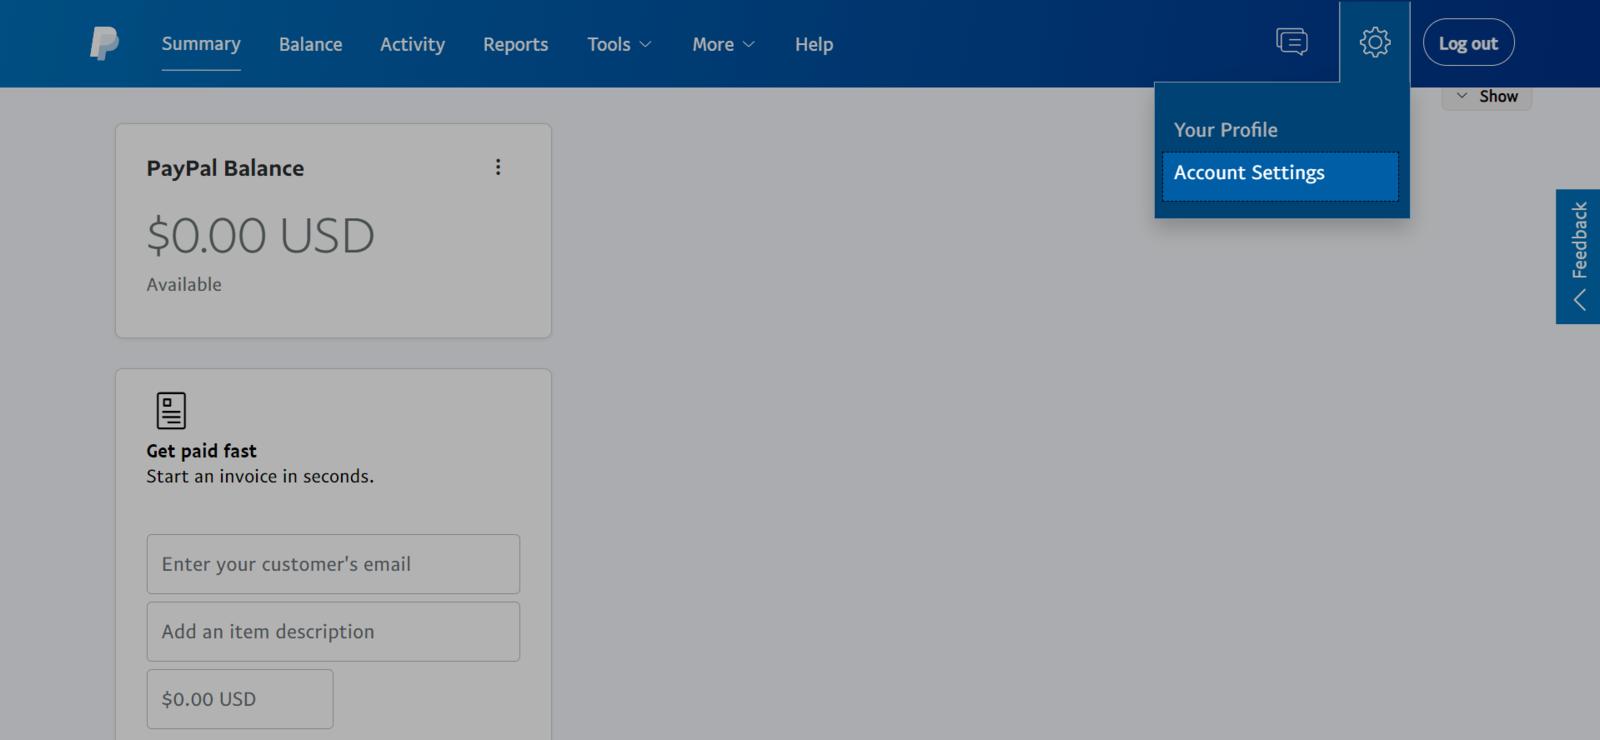 Nhấn vào biểu tượng bánh xe bên góc phải và nhấn vào Account Settings